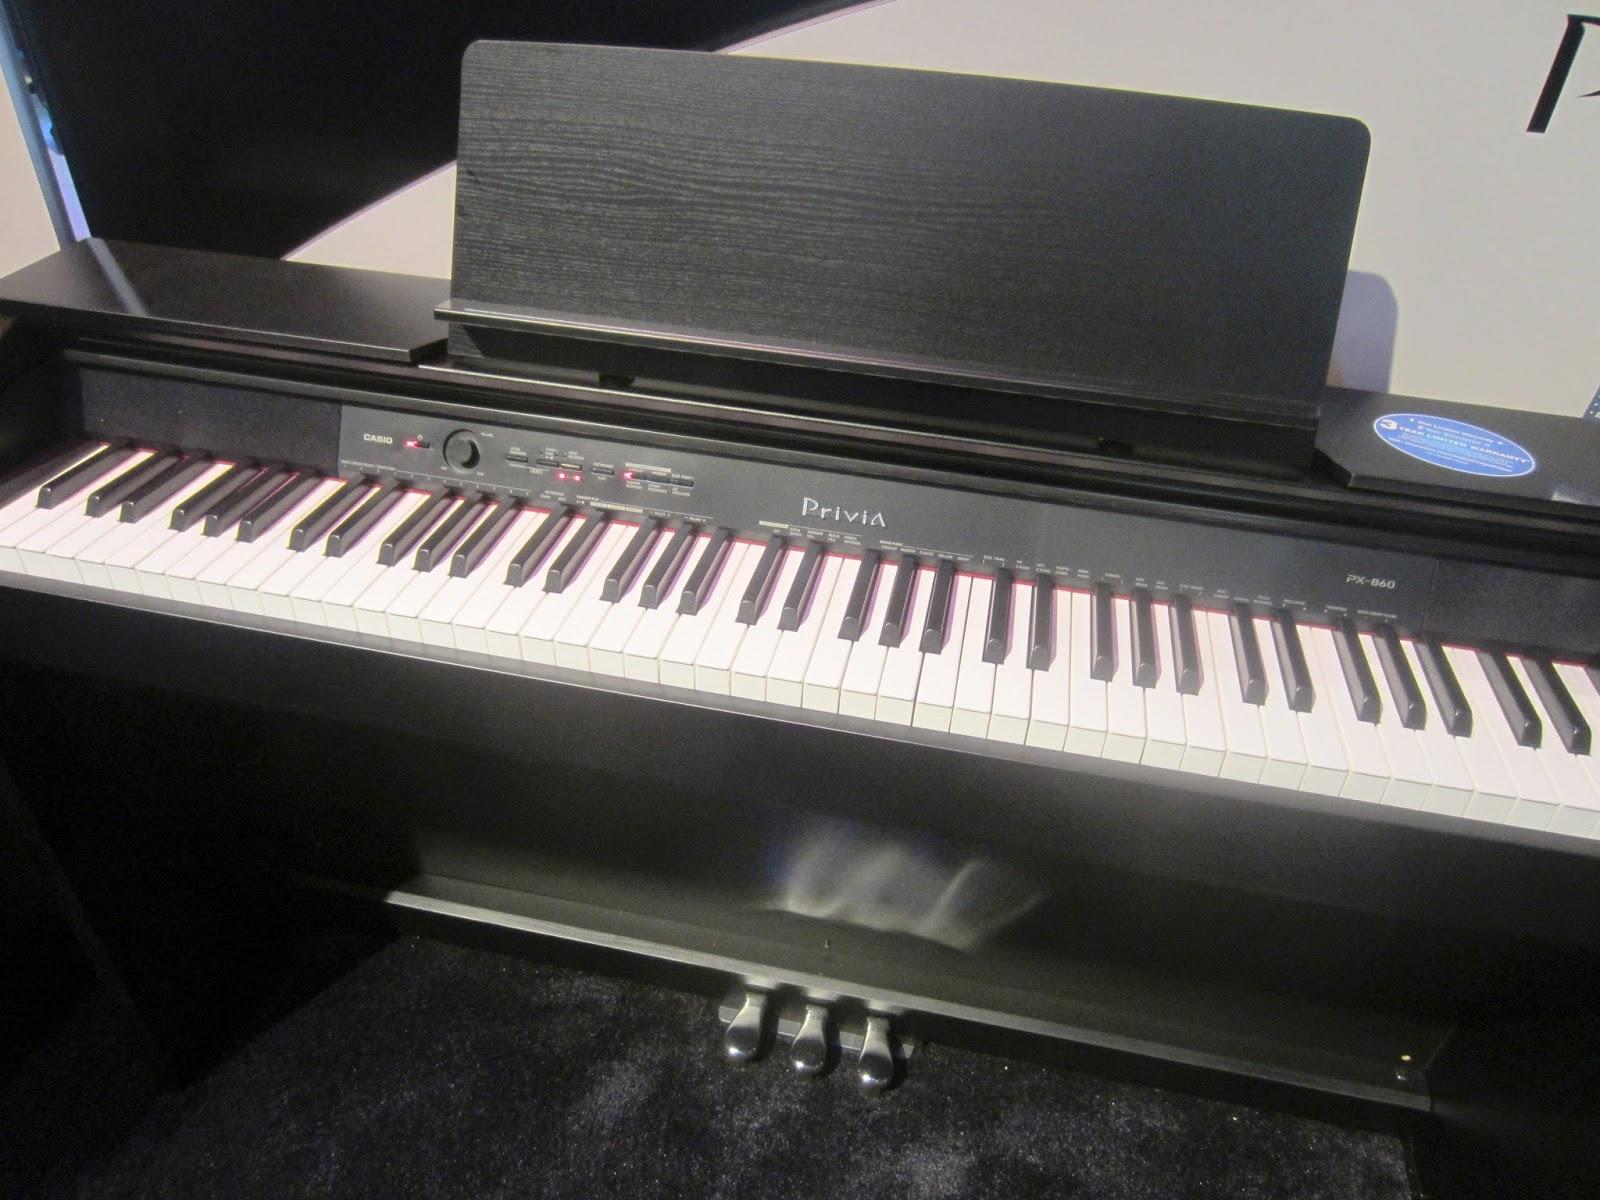 AZ PIANO REVIEWS: REVIEW - Digital Pianos UNDER $1000! GO HERE